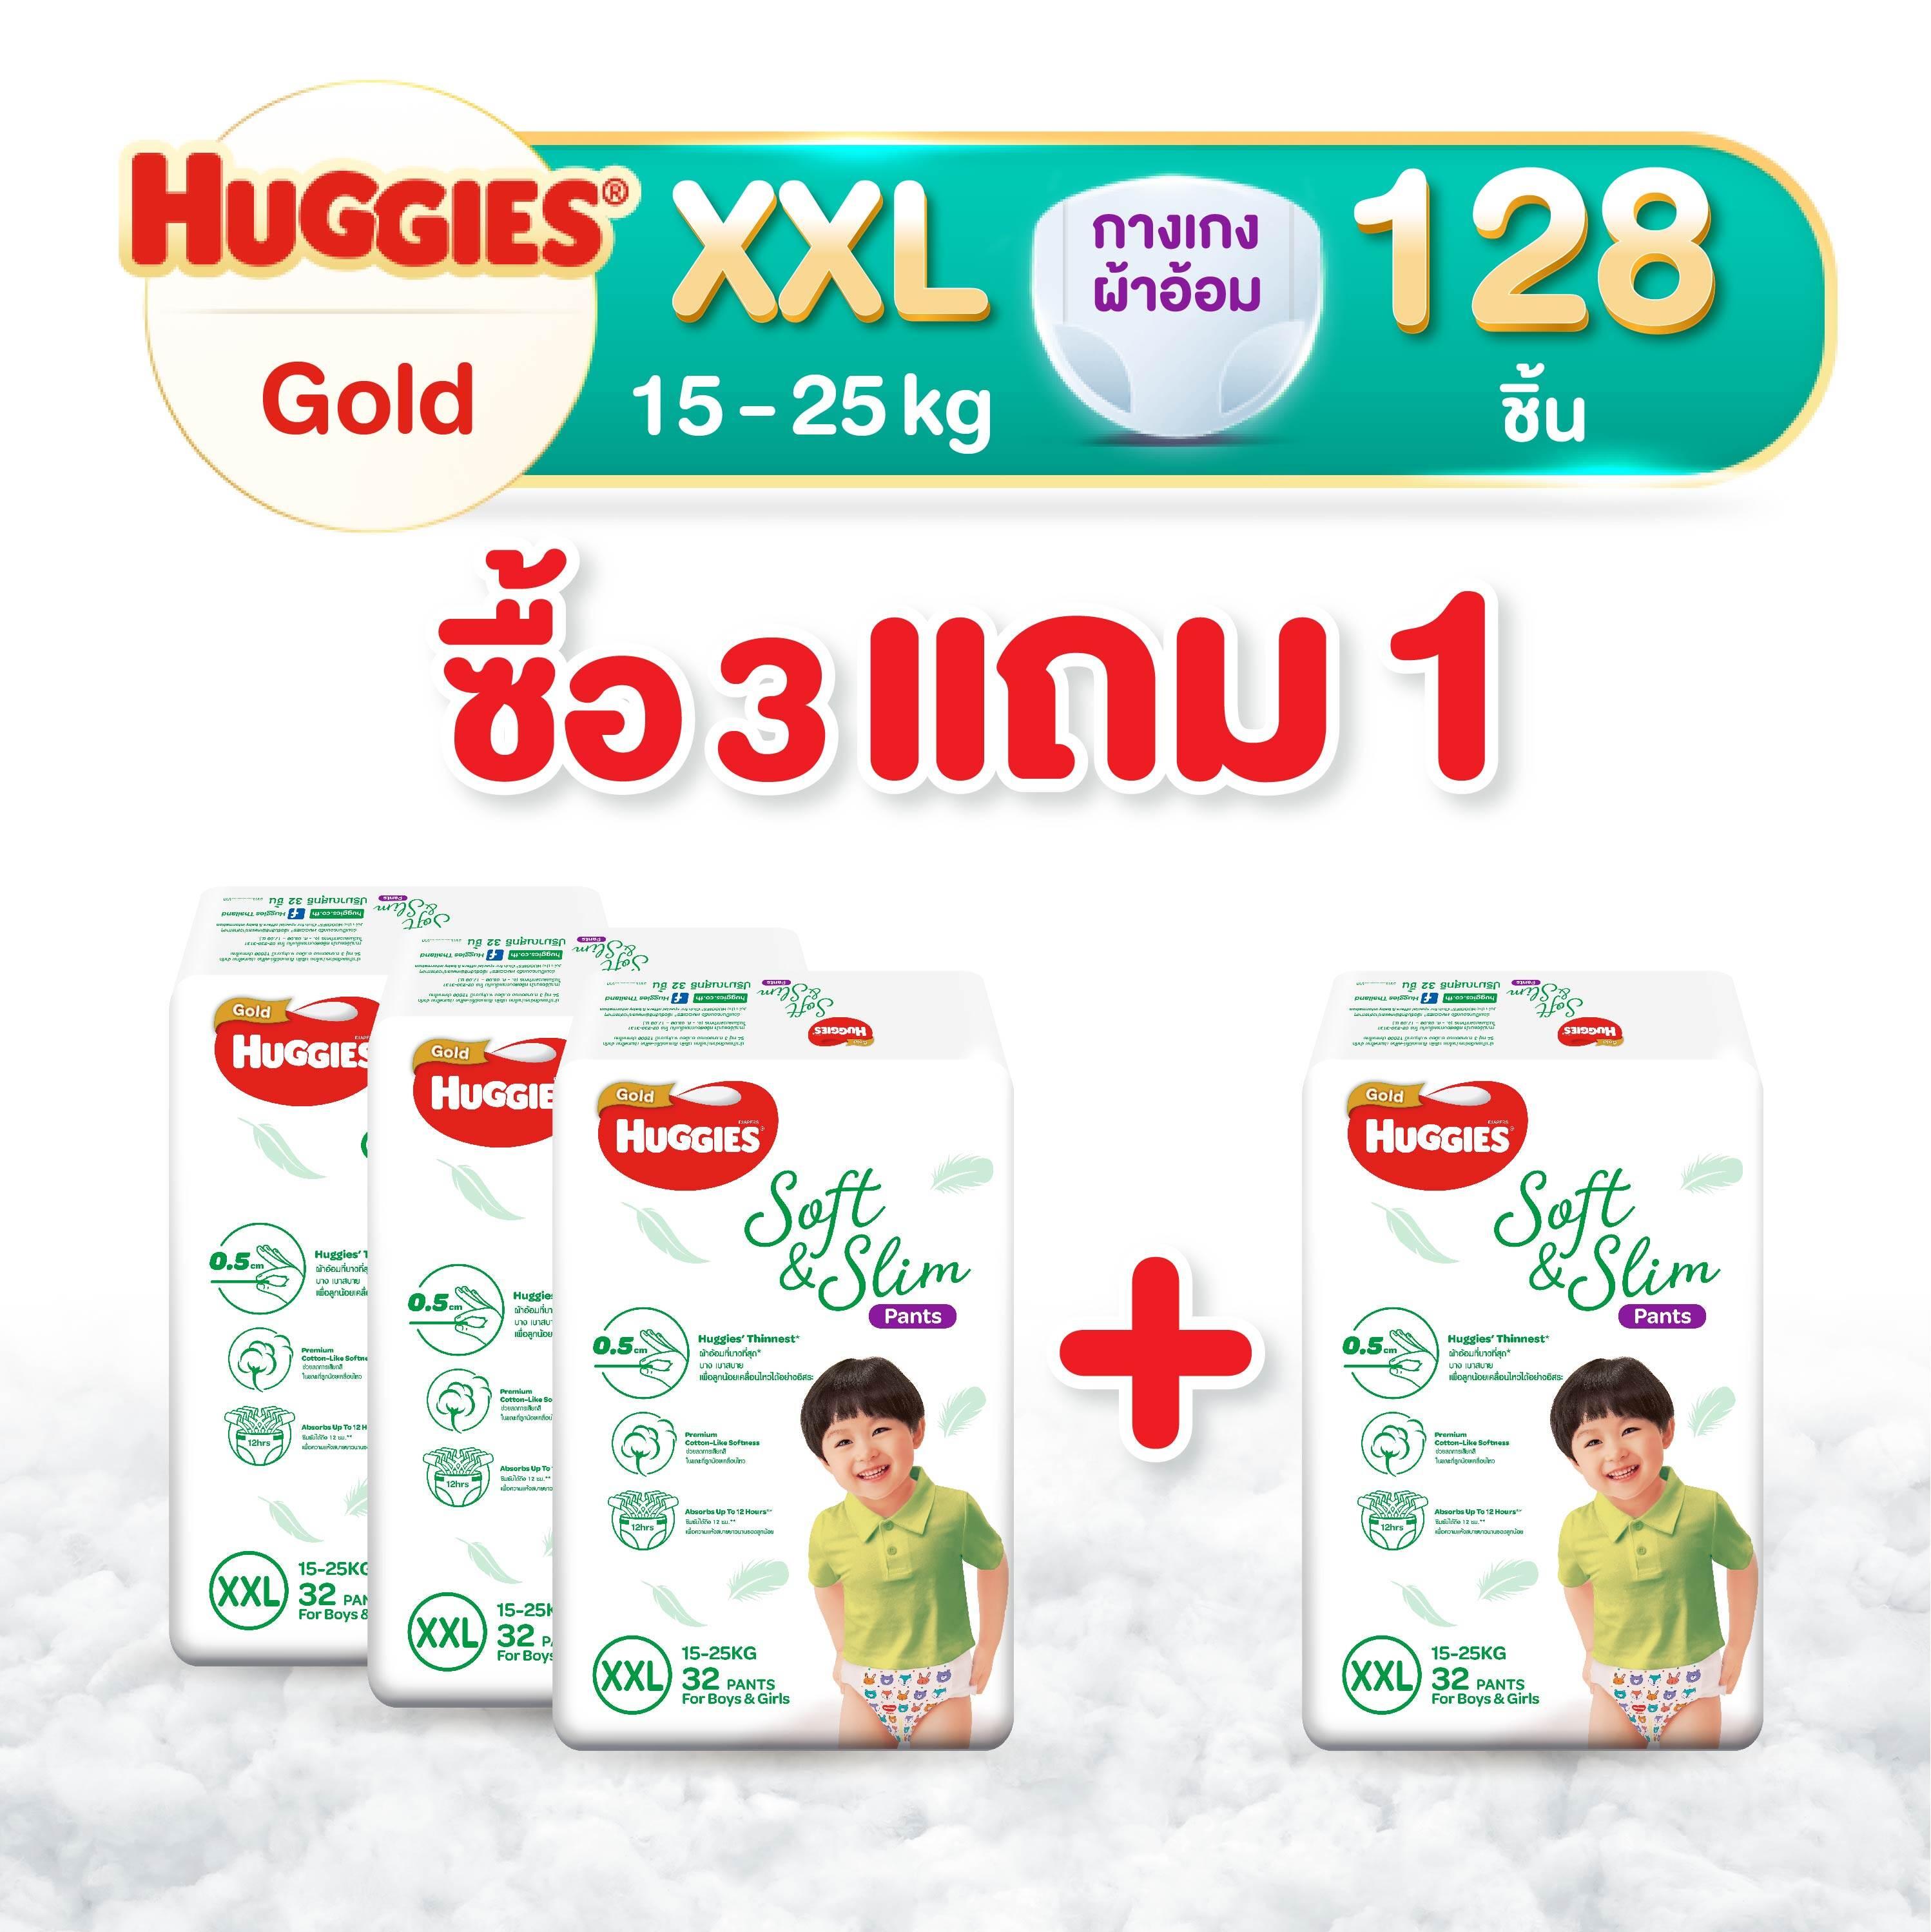 ซื้อ 3 แถม 1 Huggies Gold Soft And Slim Pant Diapers ฮักกี้ส์ ผ้าอ้อมเด็ก ผ้าอ้อมเด็กชาย ผ้าอ้อมเด็กหญิง กางเกงผ้าอ้อม แพมเพิส โกลด์ ซอฟท์แอนด์สลิม  ไซส์ Xxl แพค 32 ชิ้น.